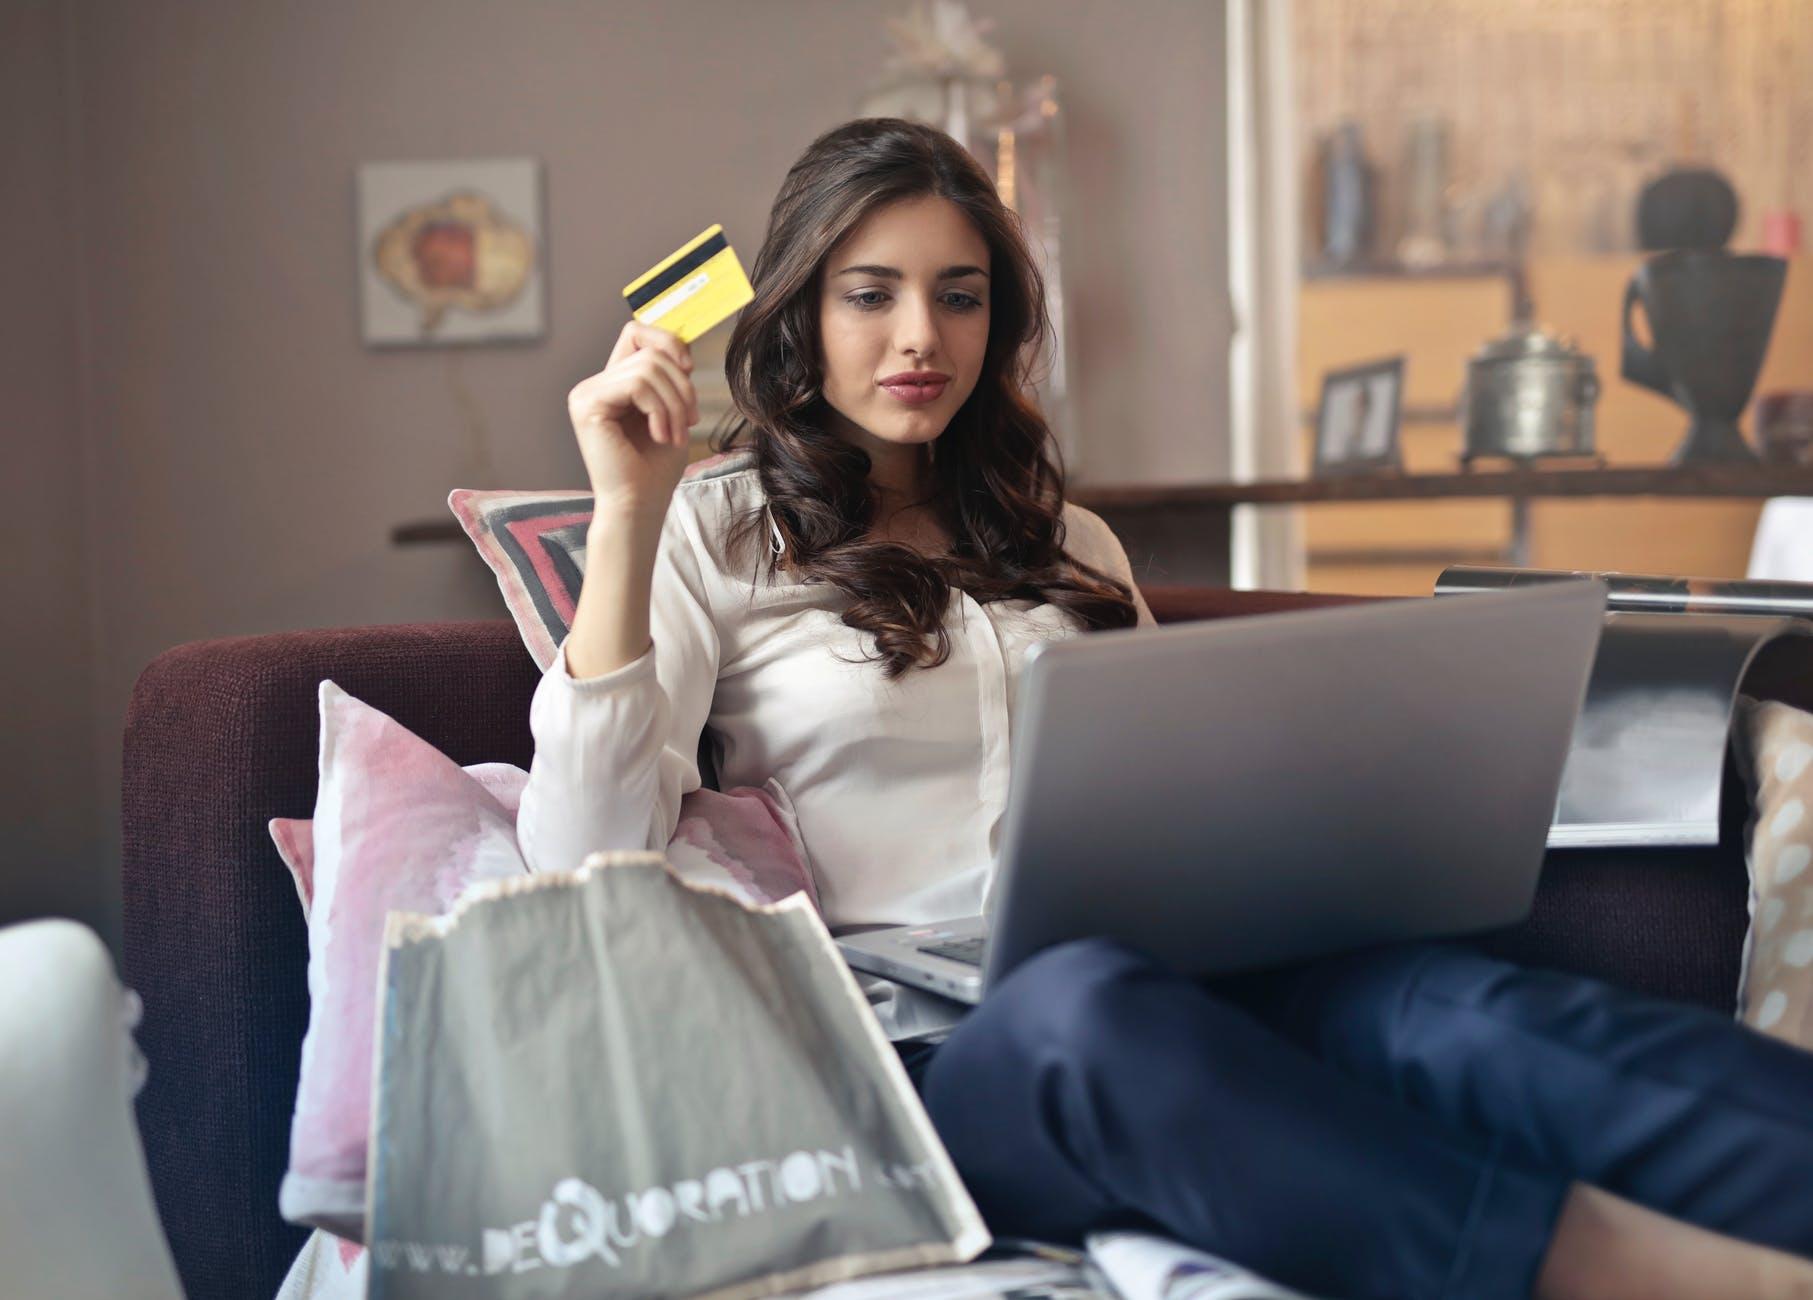 Wie lange ist eine Kreditkarte gültig?